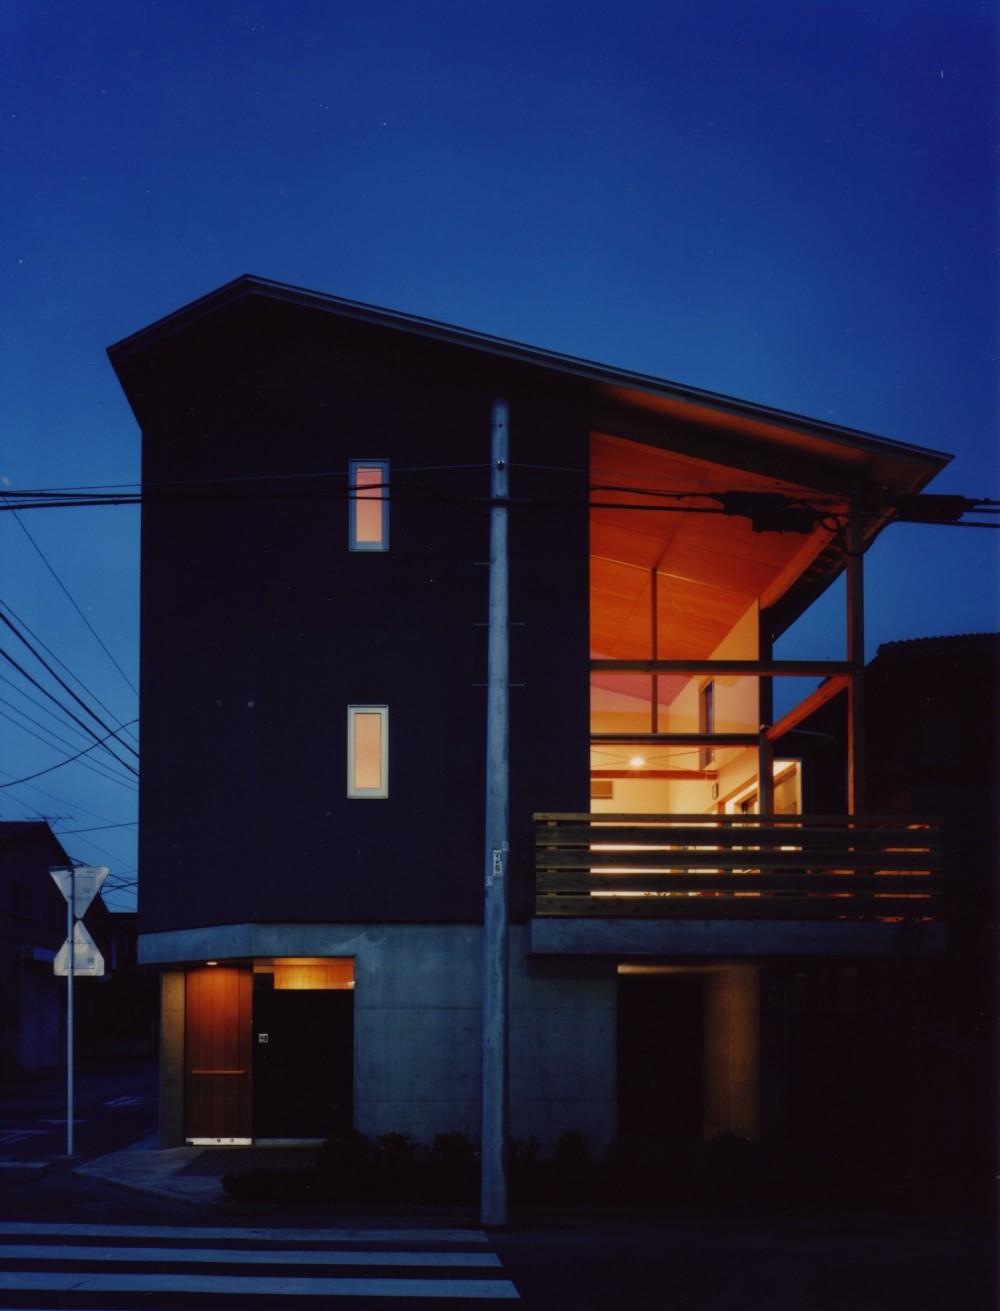 【川口の家】  柱と梁の立体格子がつくる巨大なワンルーム (外観(夜景))